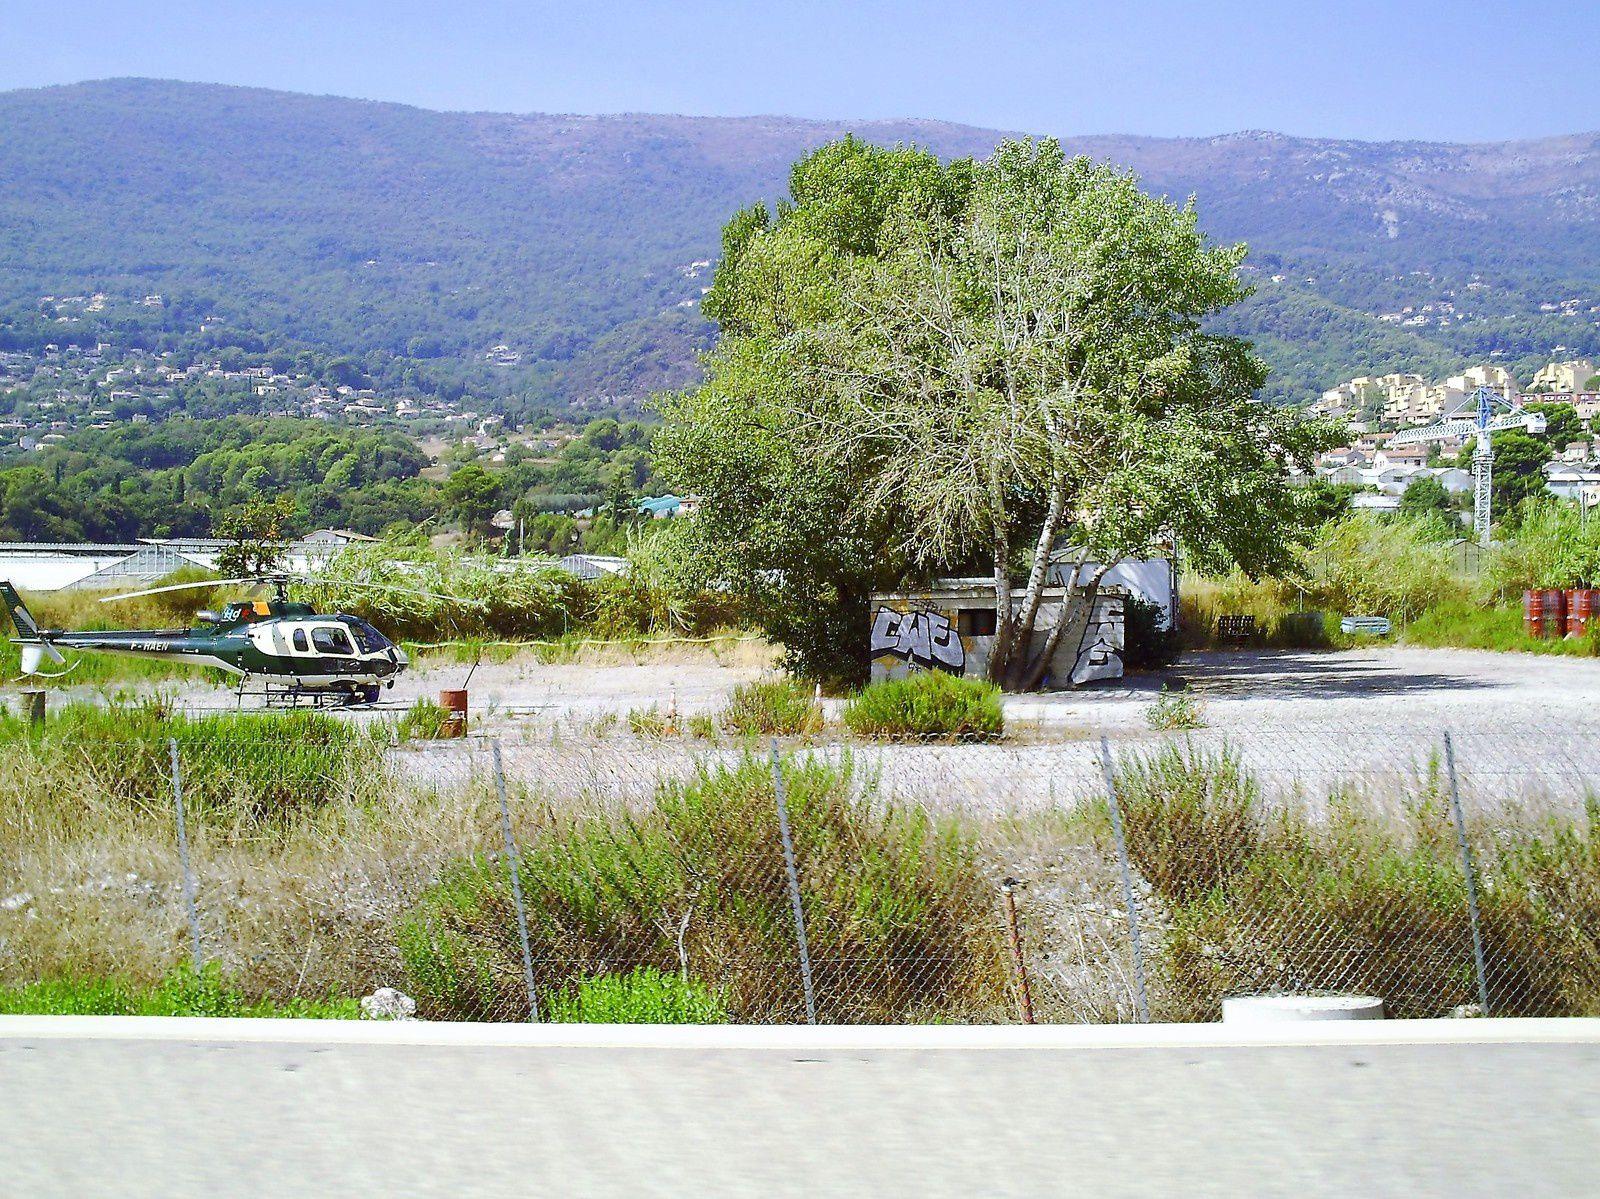 Goldwing - Notre voyage dans les Hautes-Alpes en Goldwing 1800 et Varadero 125 - 3ème jour